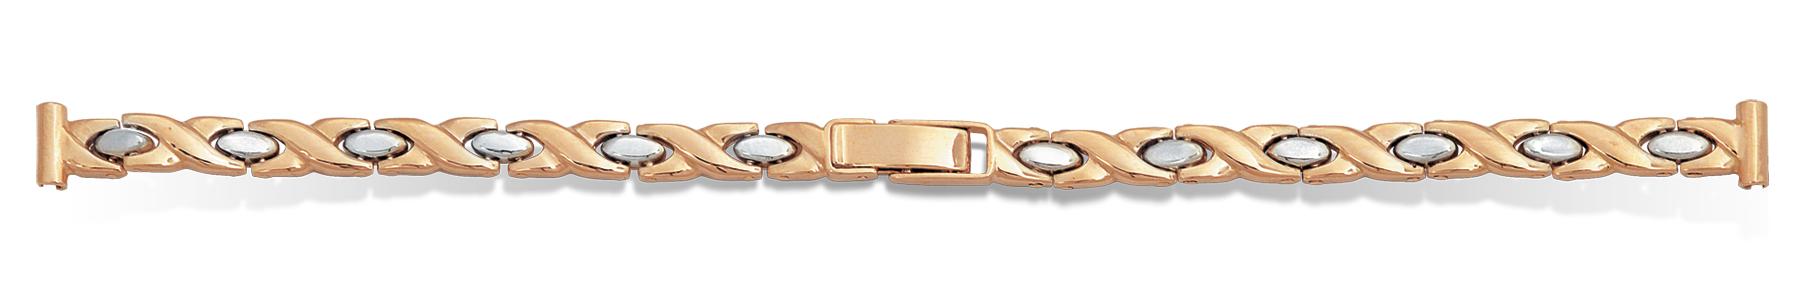 Часовые браслеты золотые женские